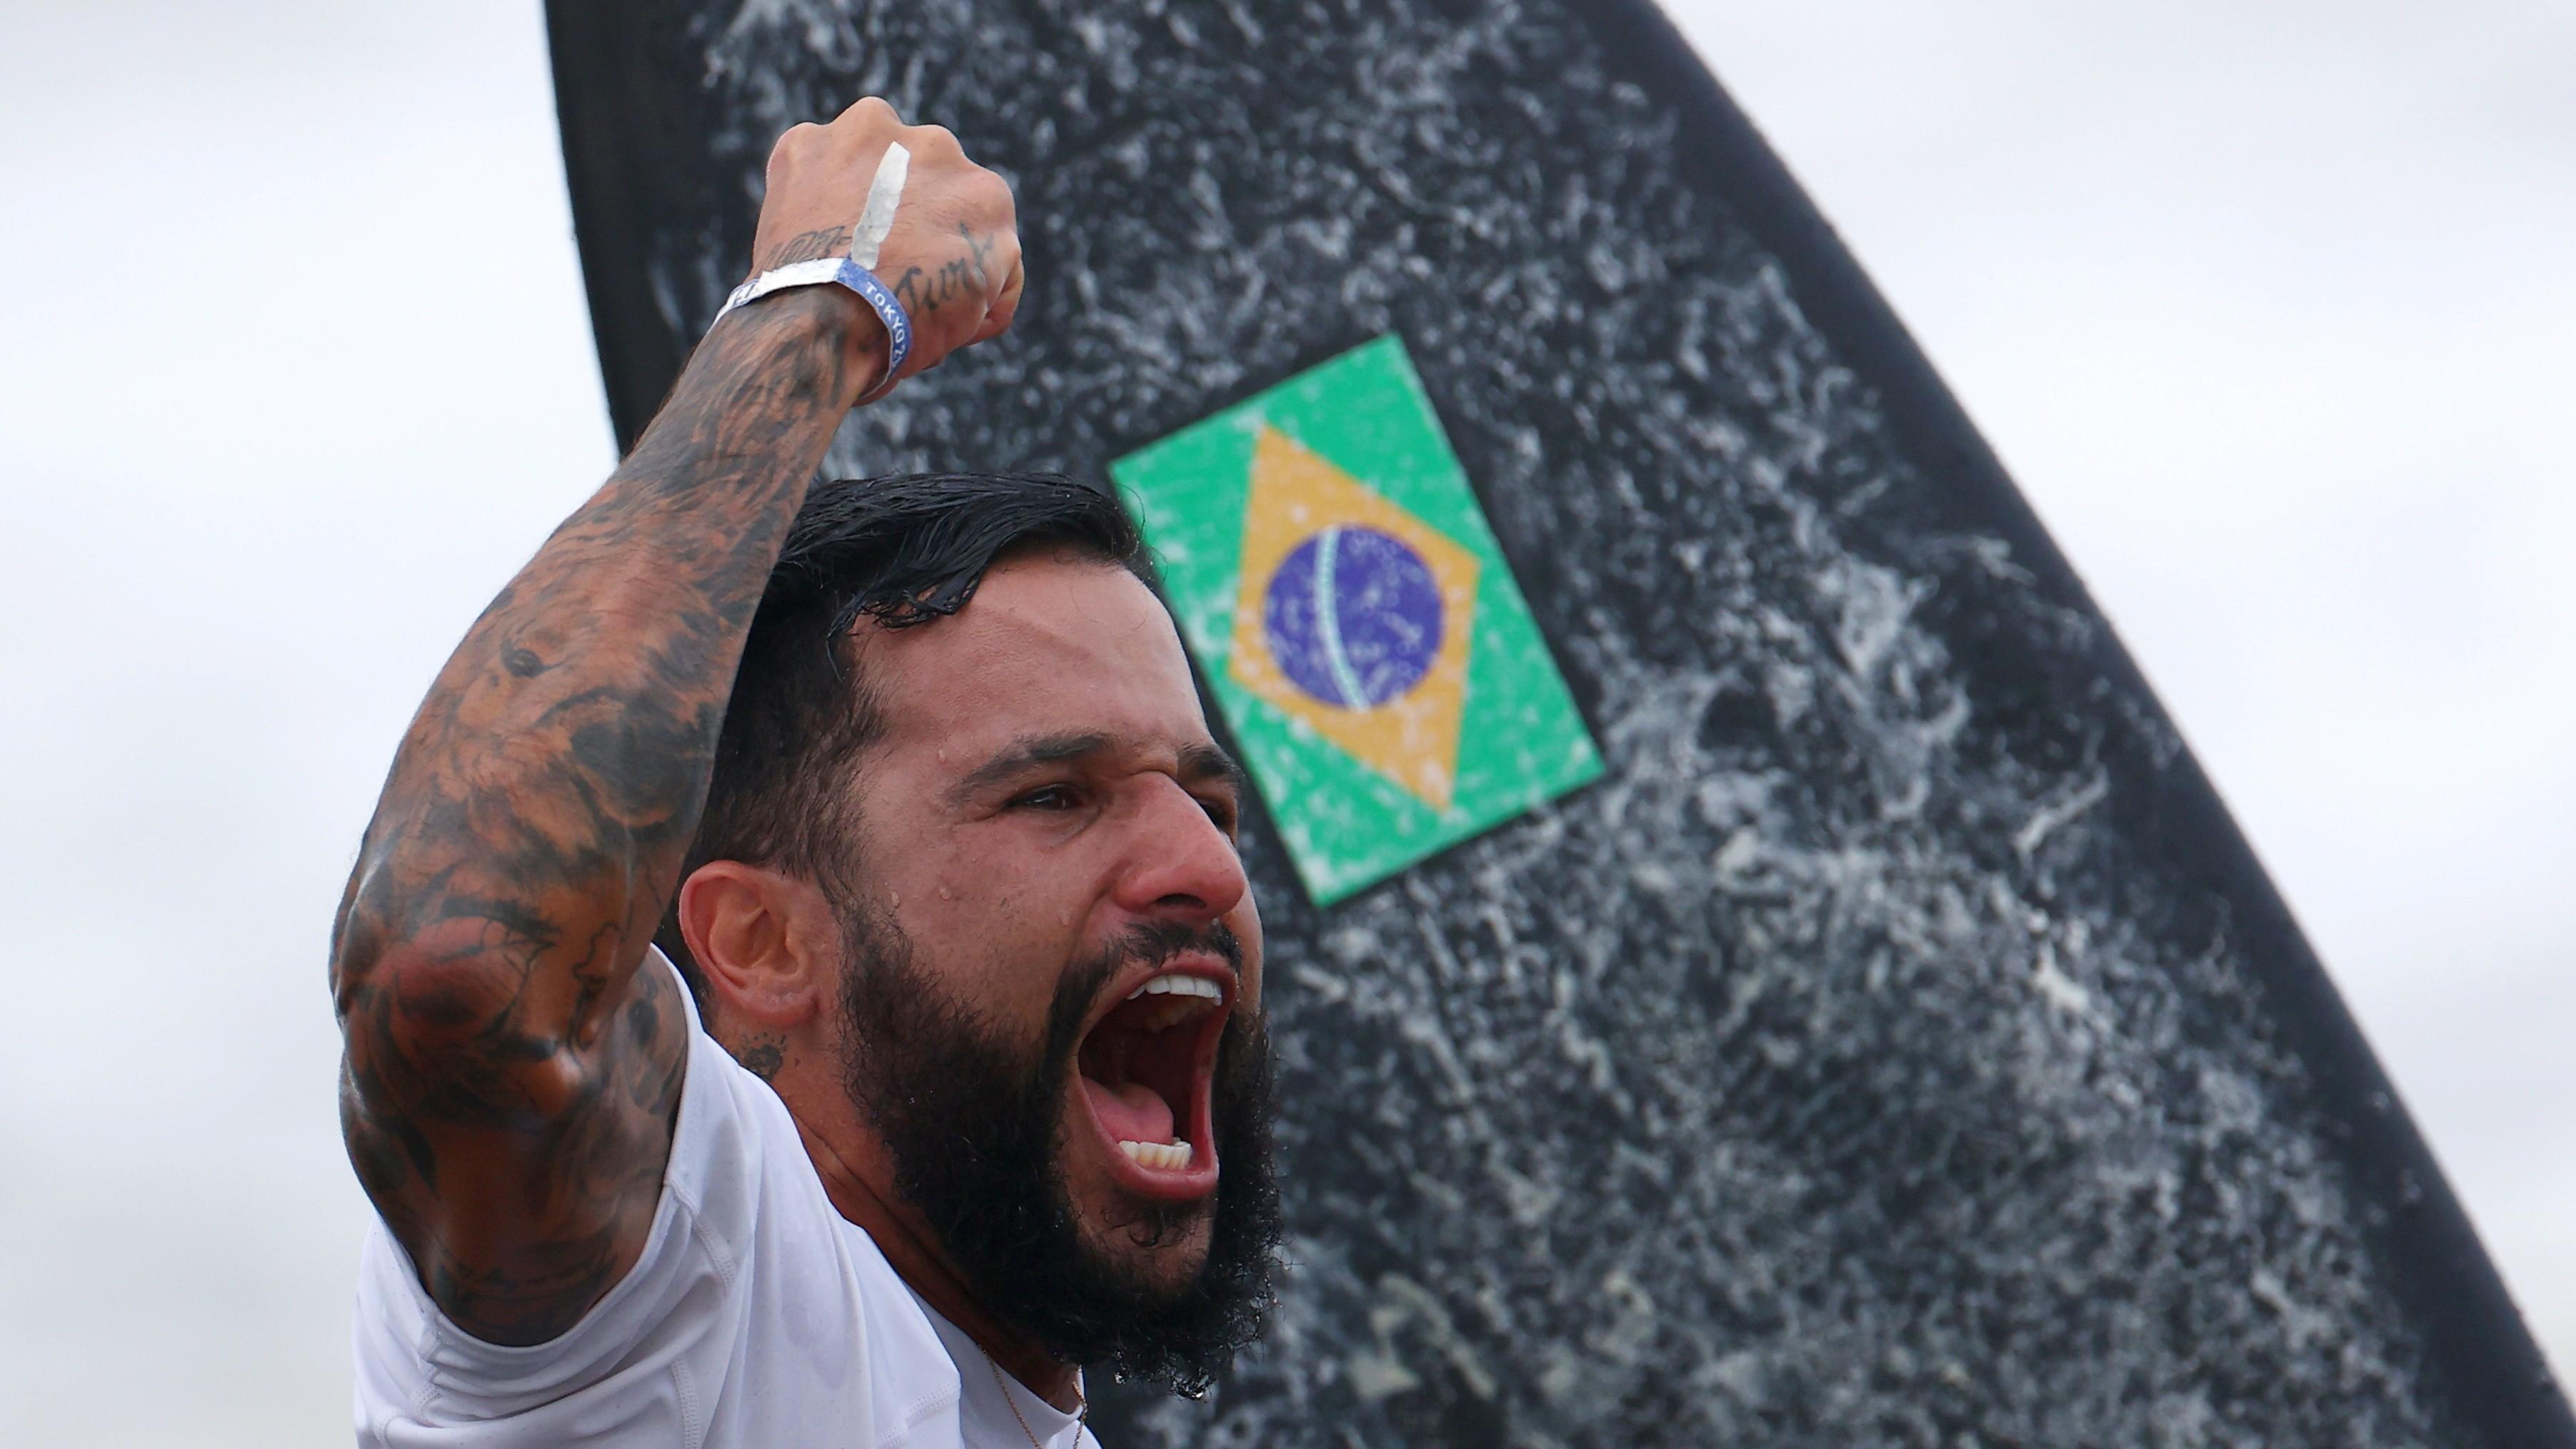 Italo Ferreira queria 'mostrar nome para todos' em competição de surfe amador, aos 14 anos, na Paraíba; VÍDEO